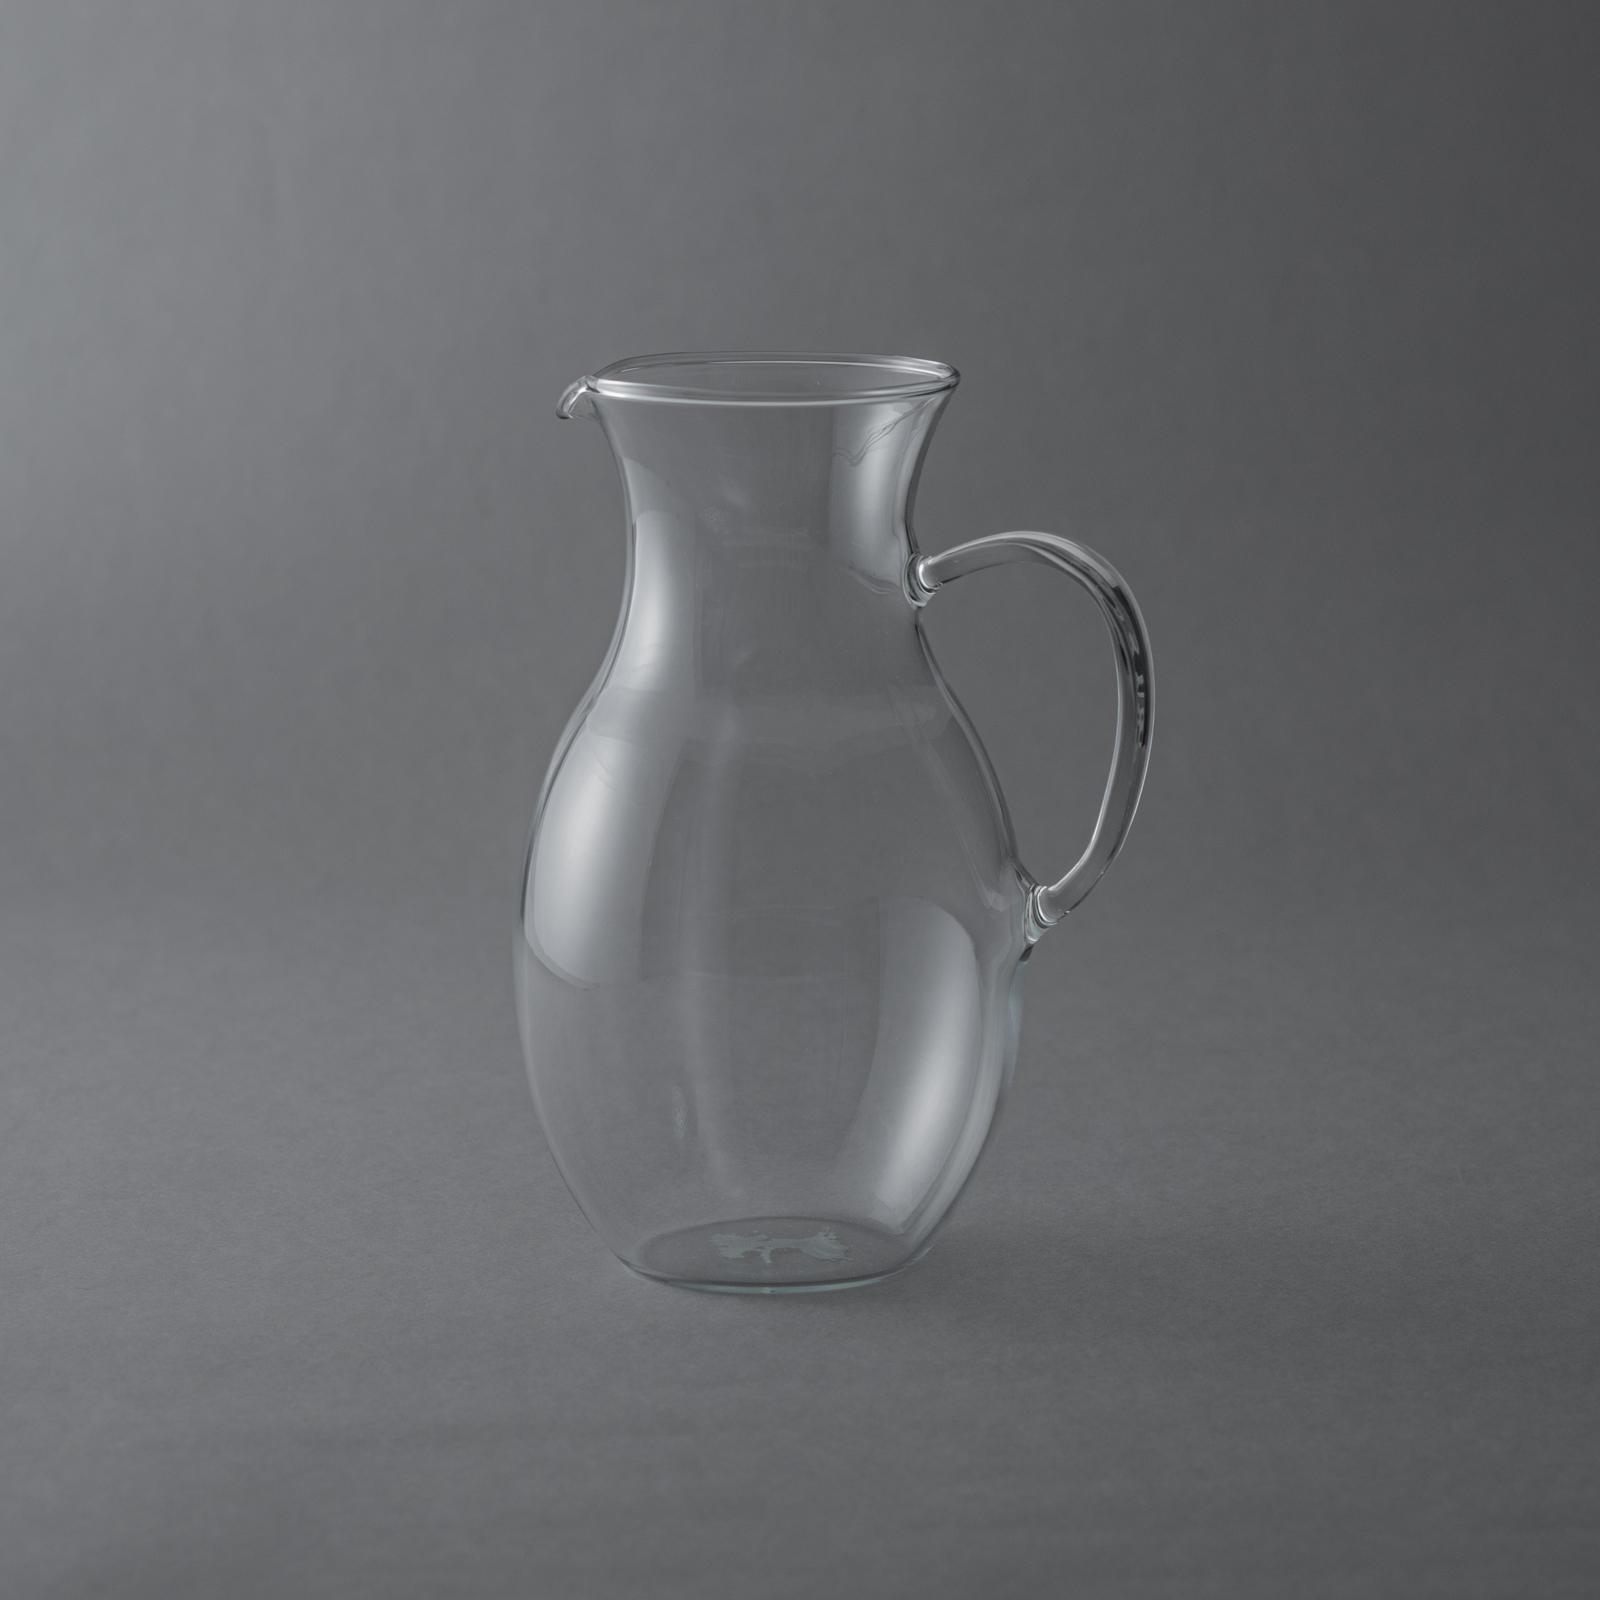 BOHEMIA Cristal _ クラシック / ジャグ(1850ml)